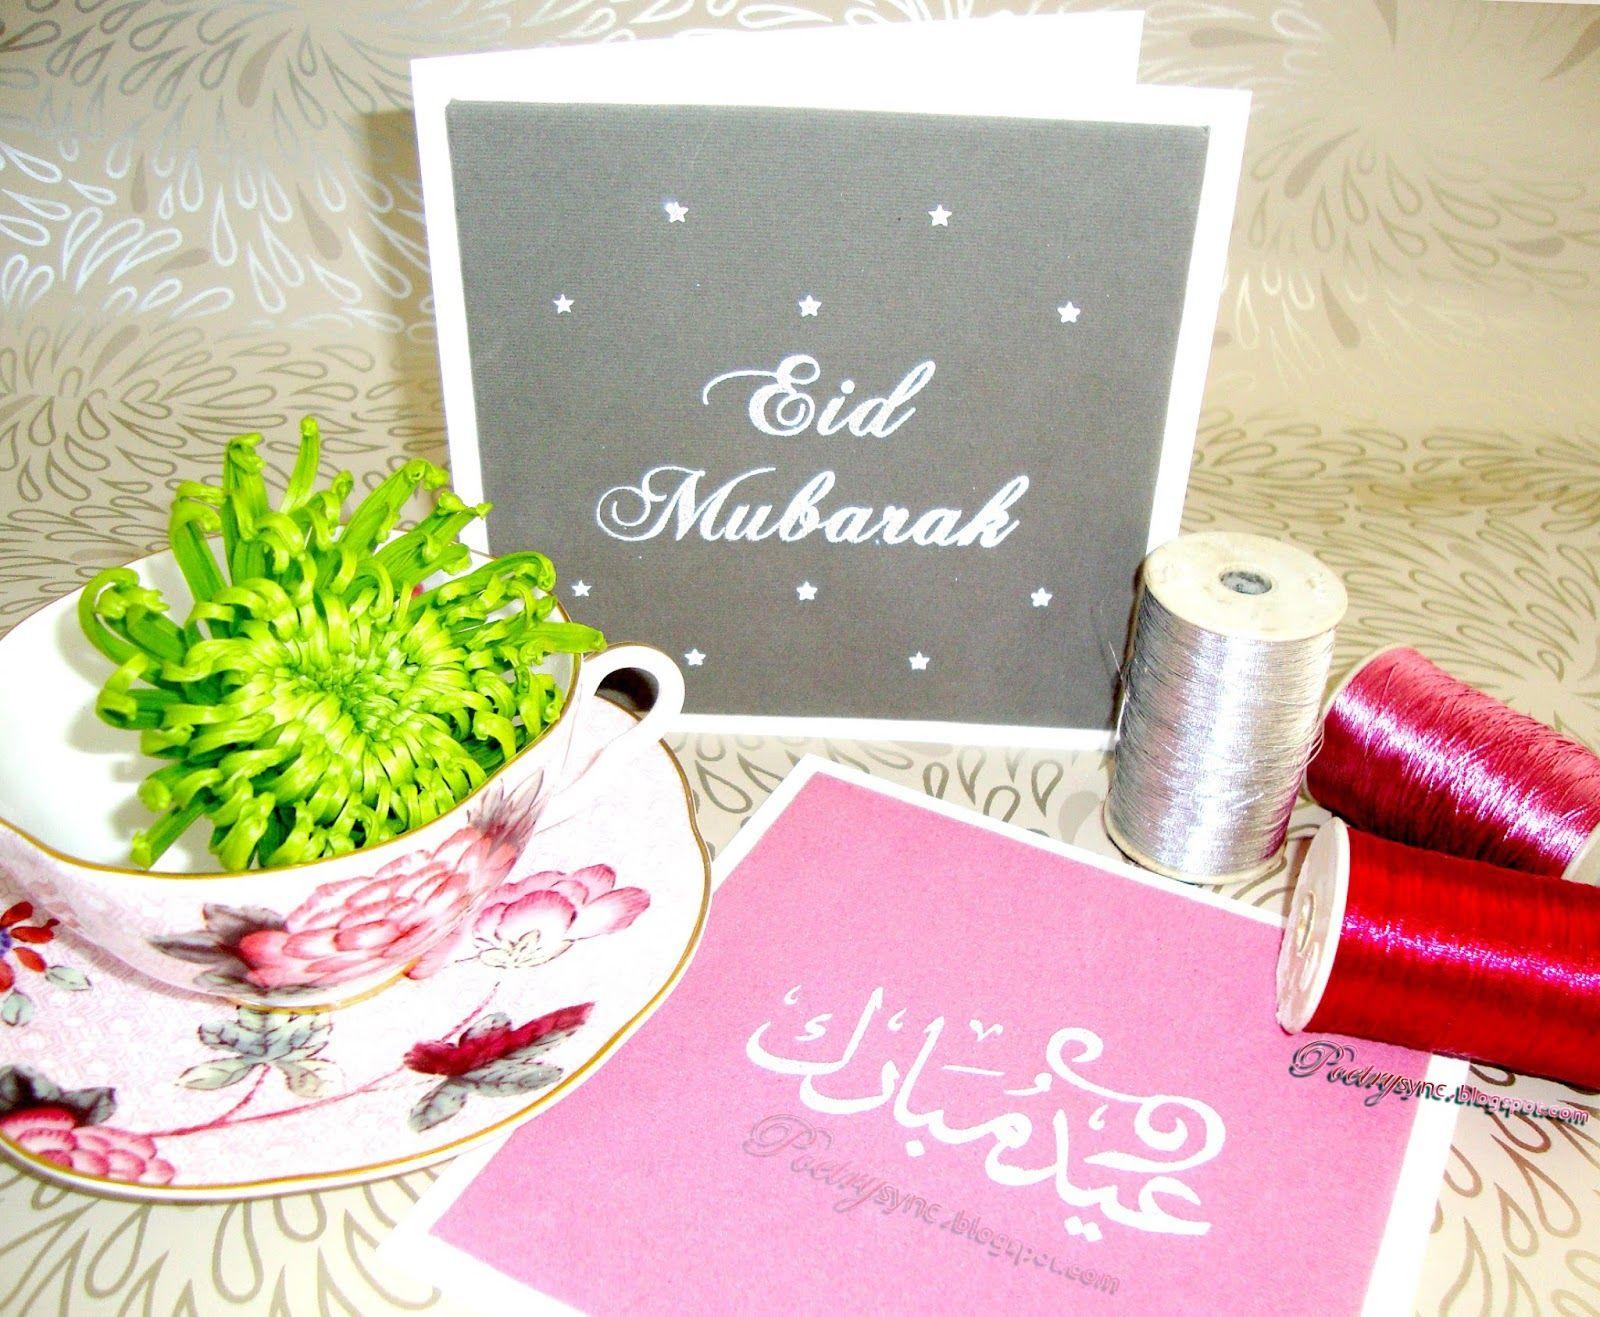 Eid Eid 2013 Eid Mubarak 2013 When Is Eid Eid Ul Adha Eid